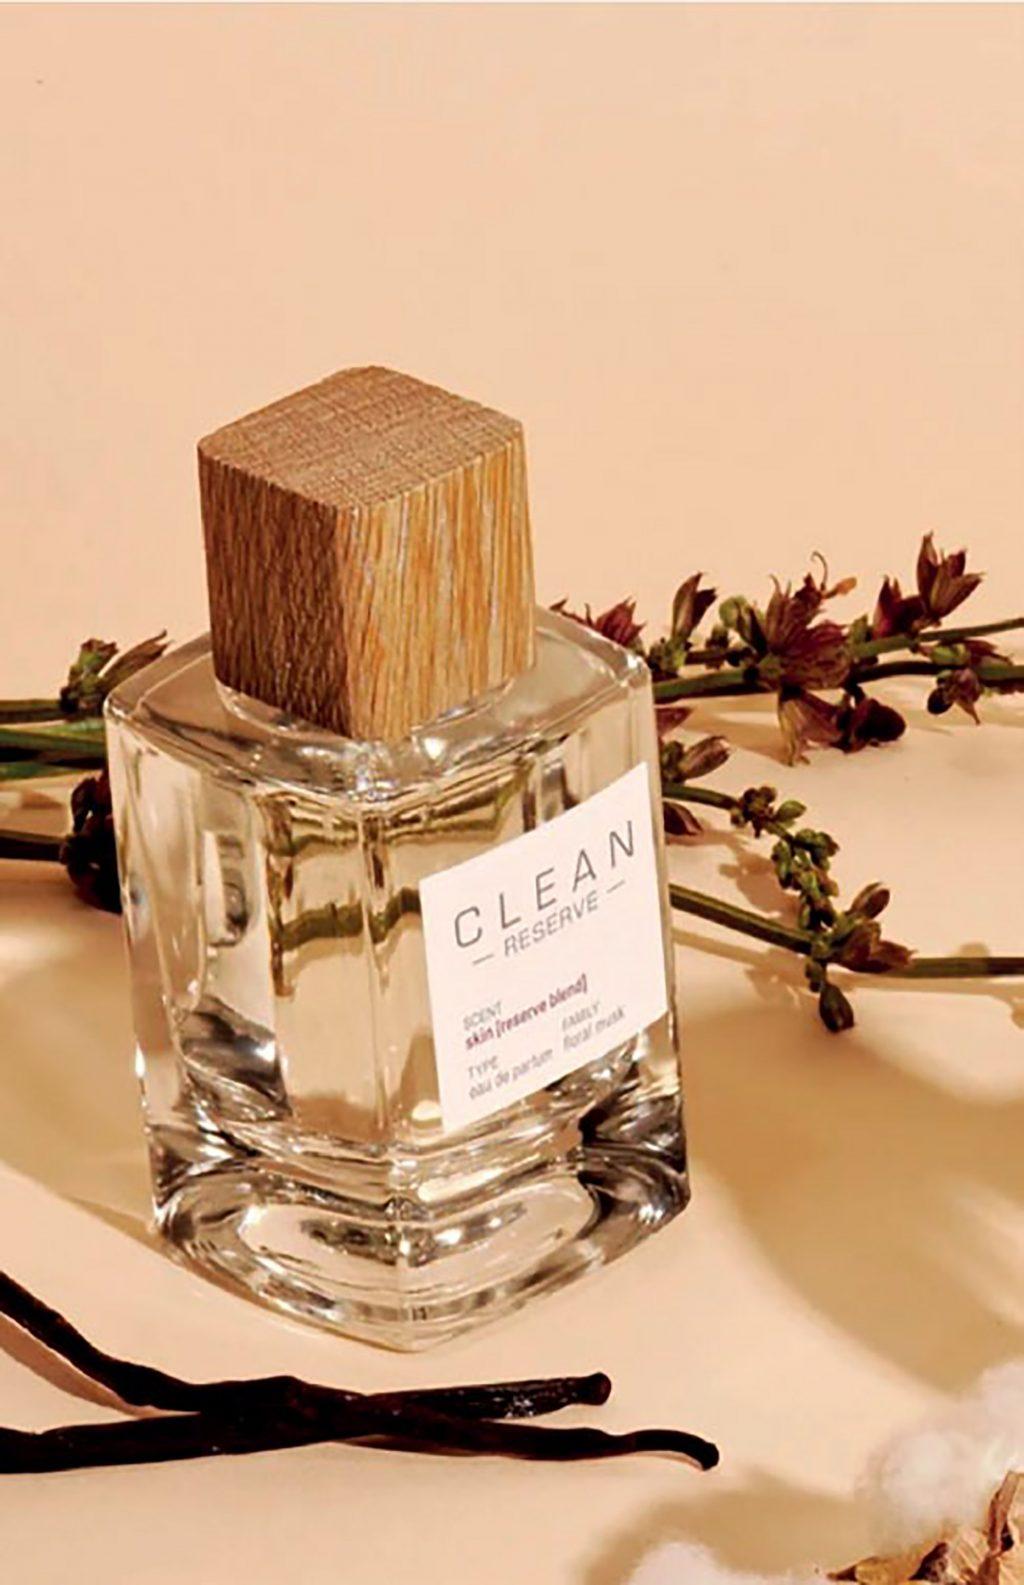 mùi hương bền vững